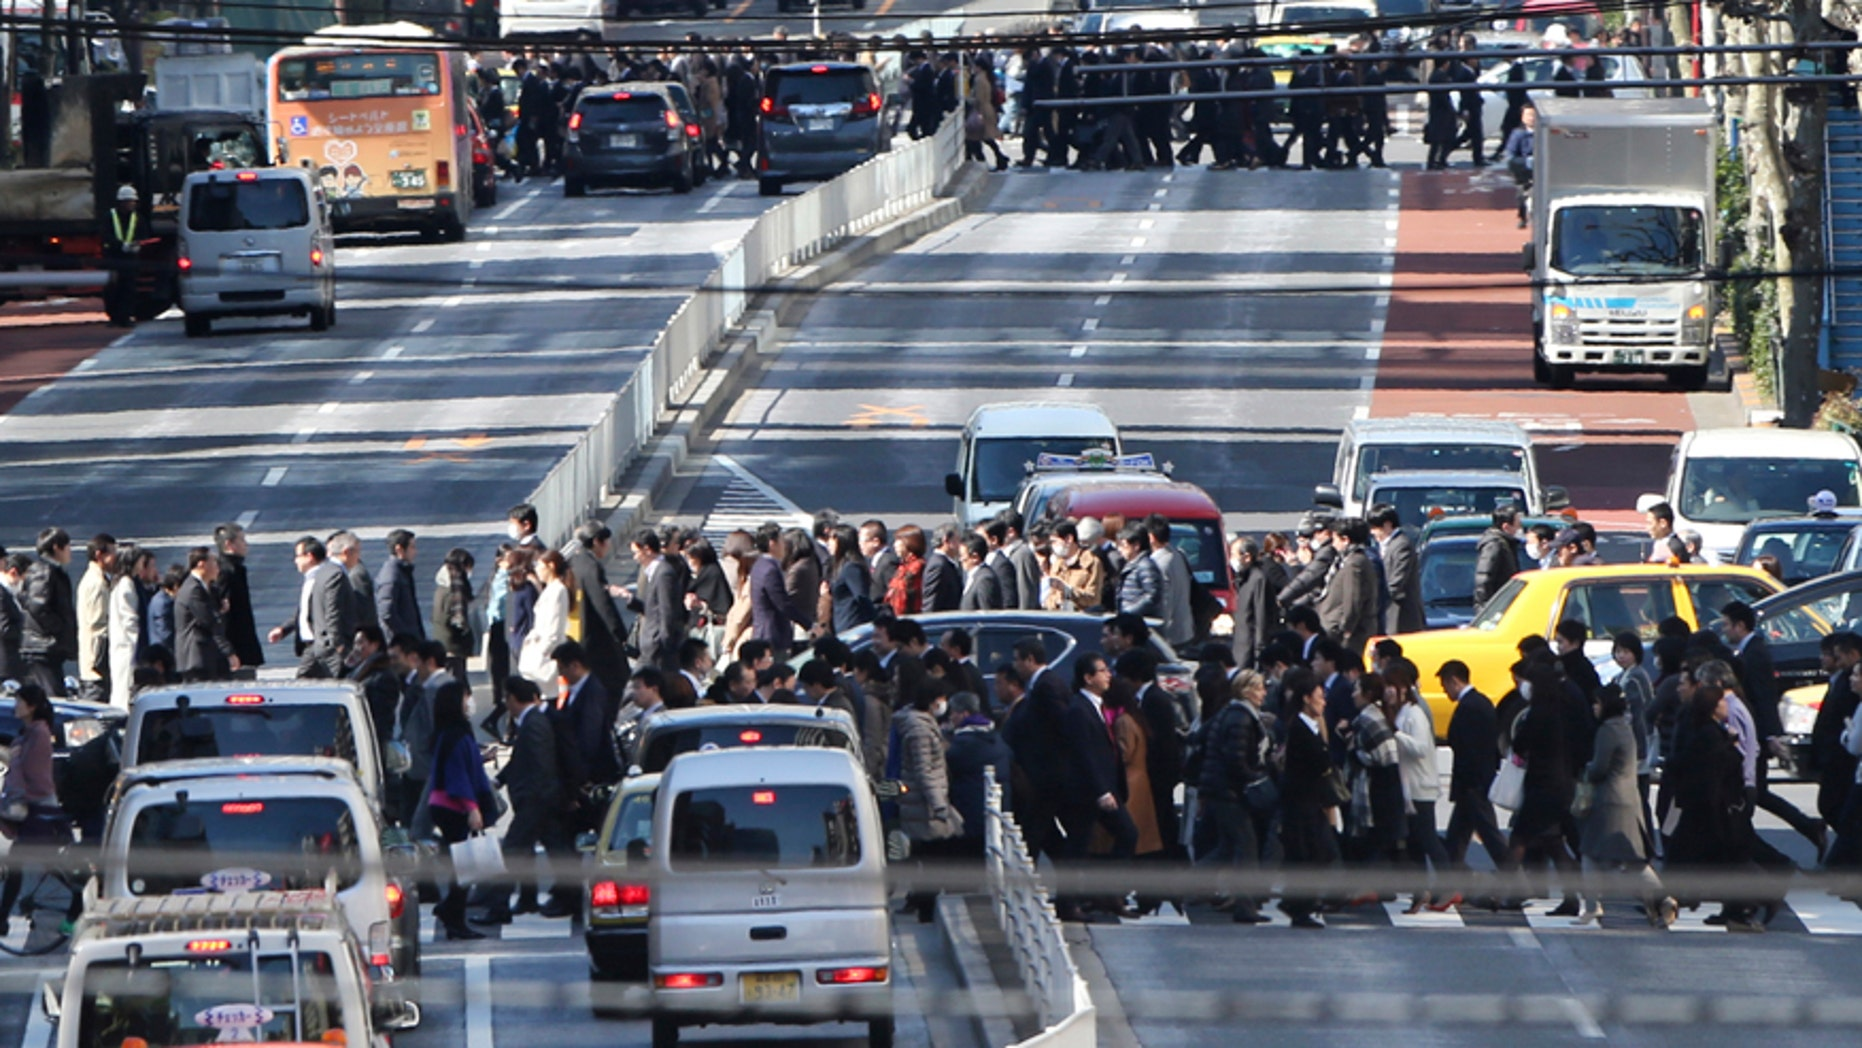 Feb. 26, 2016: People cross crosswalks on a street in Tokyo.